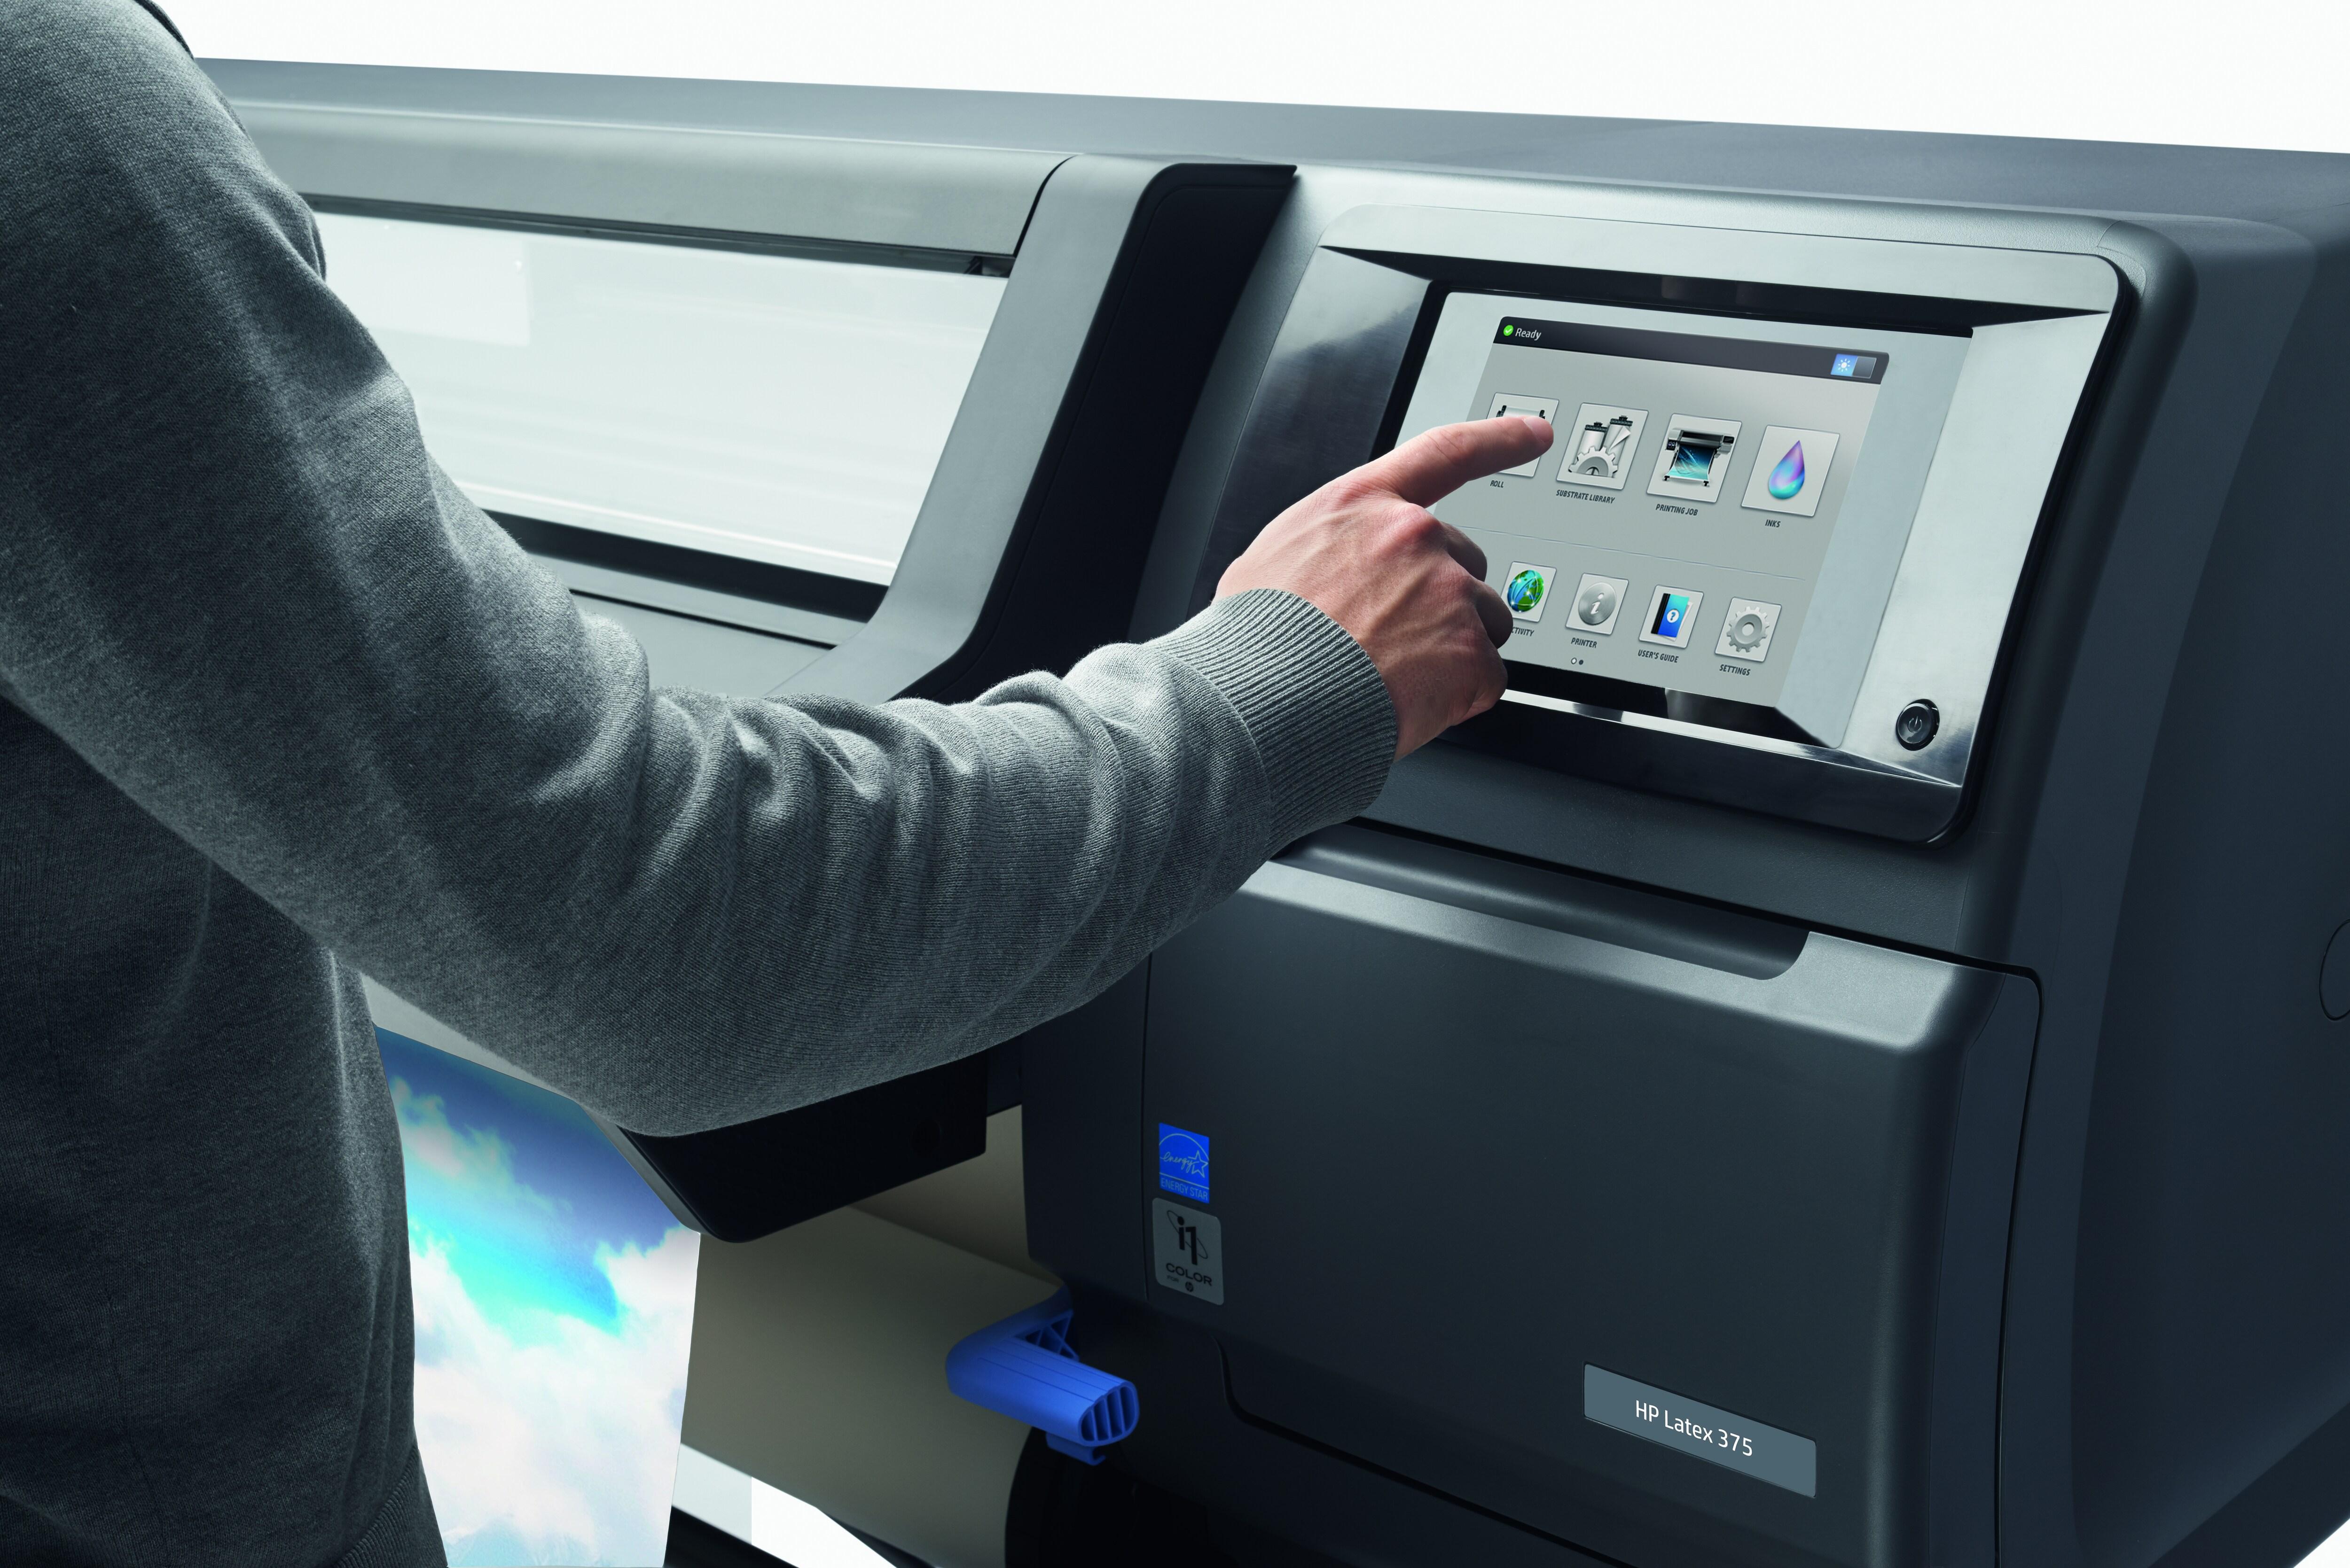 Широкоформатный латексный принтер HP Latex 375 - фото 8